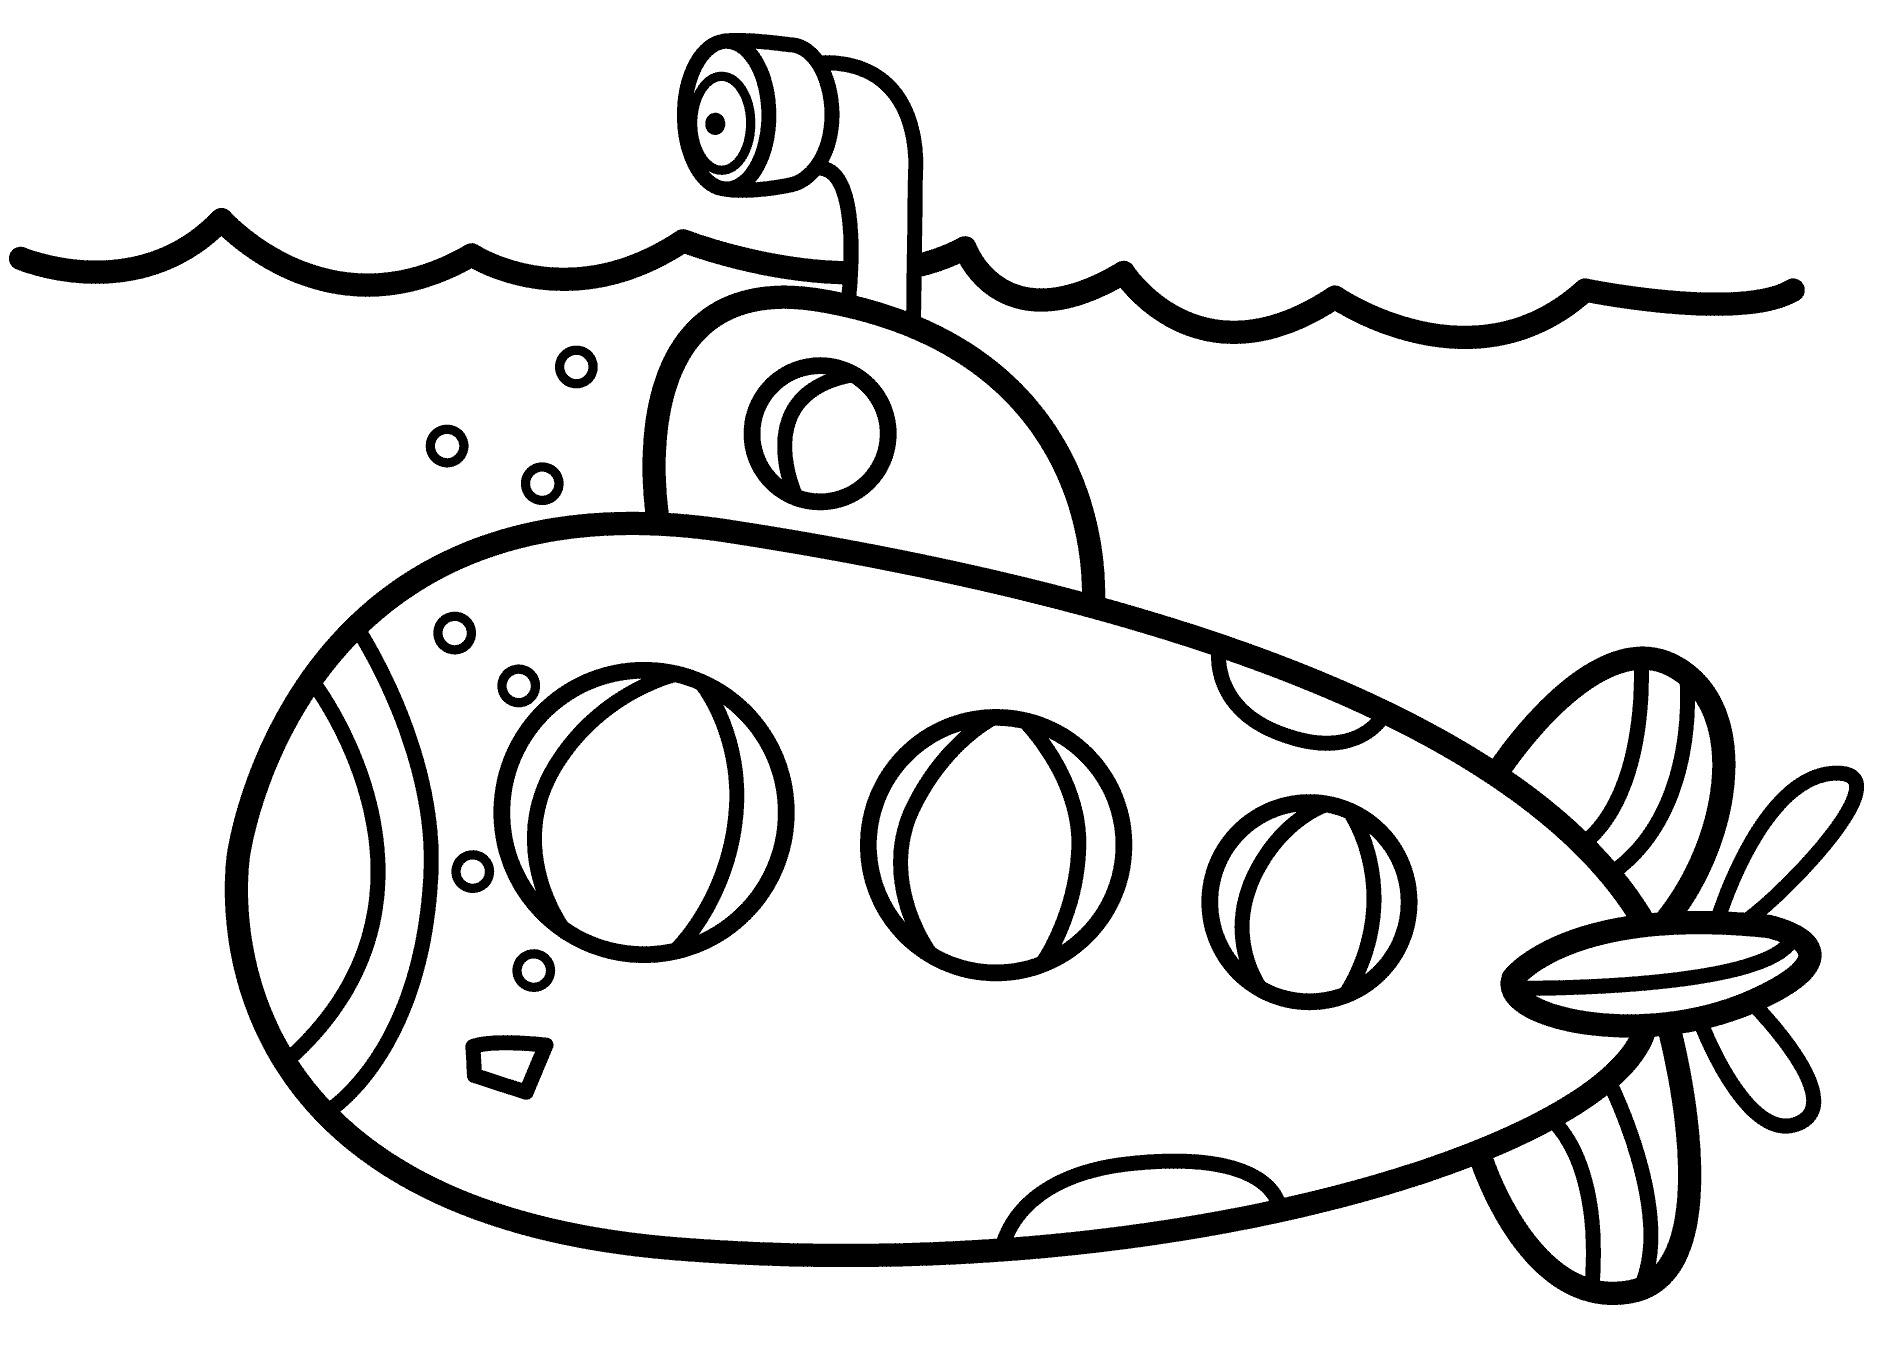 Раскраска Субмарина распечатать или скачать бесплатно